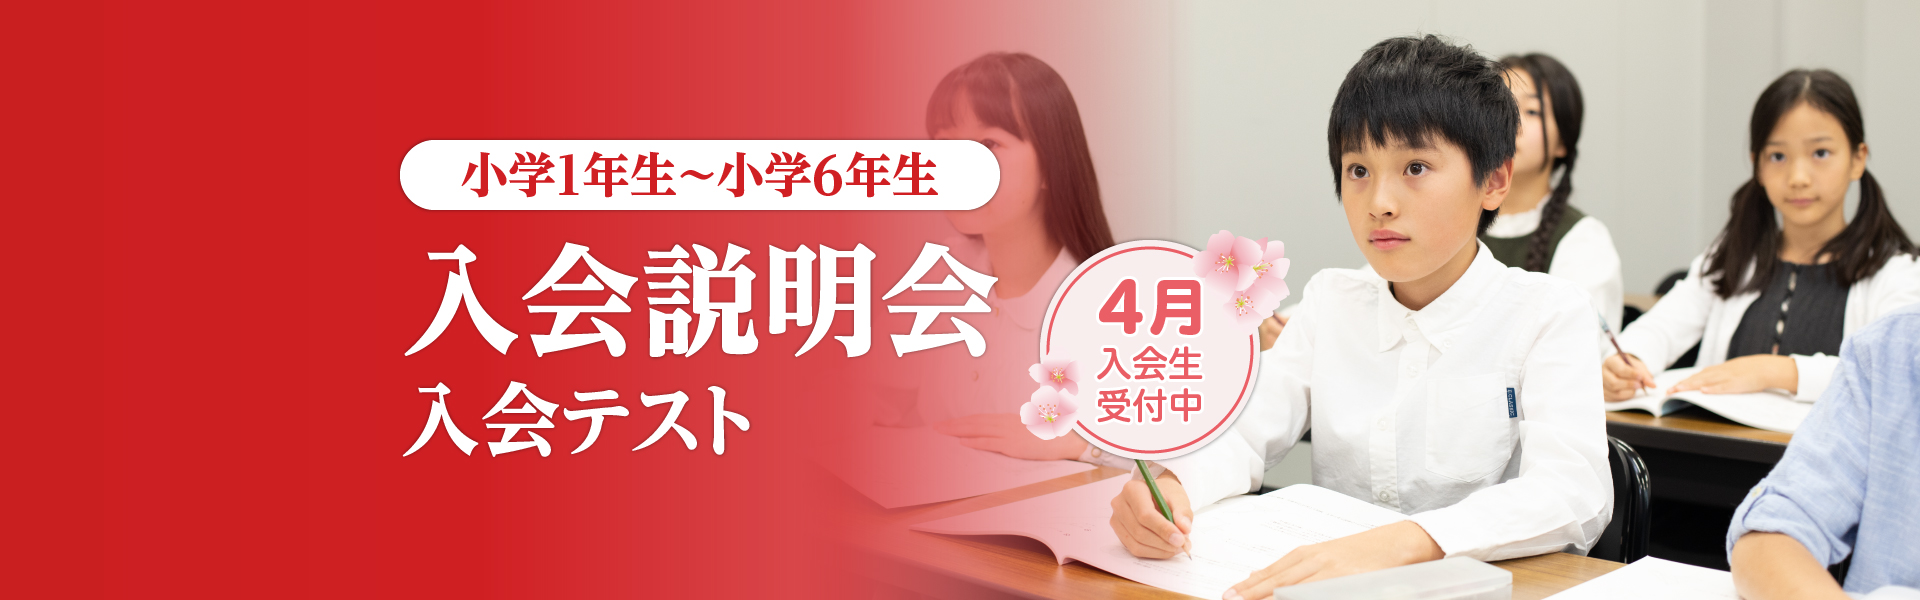 中学受験コース 入会説明会